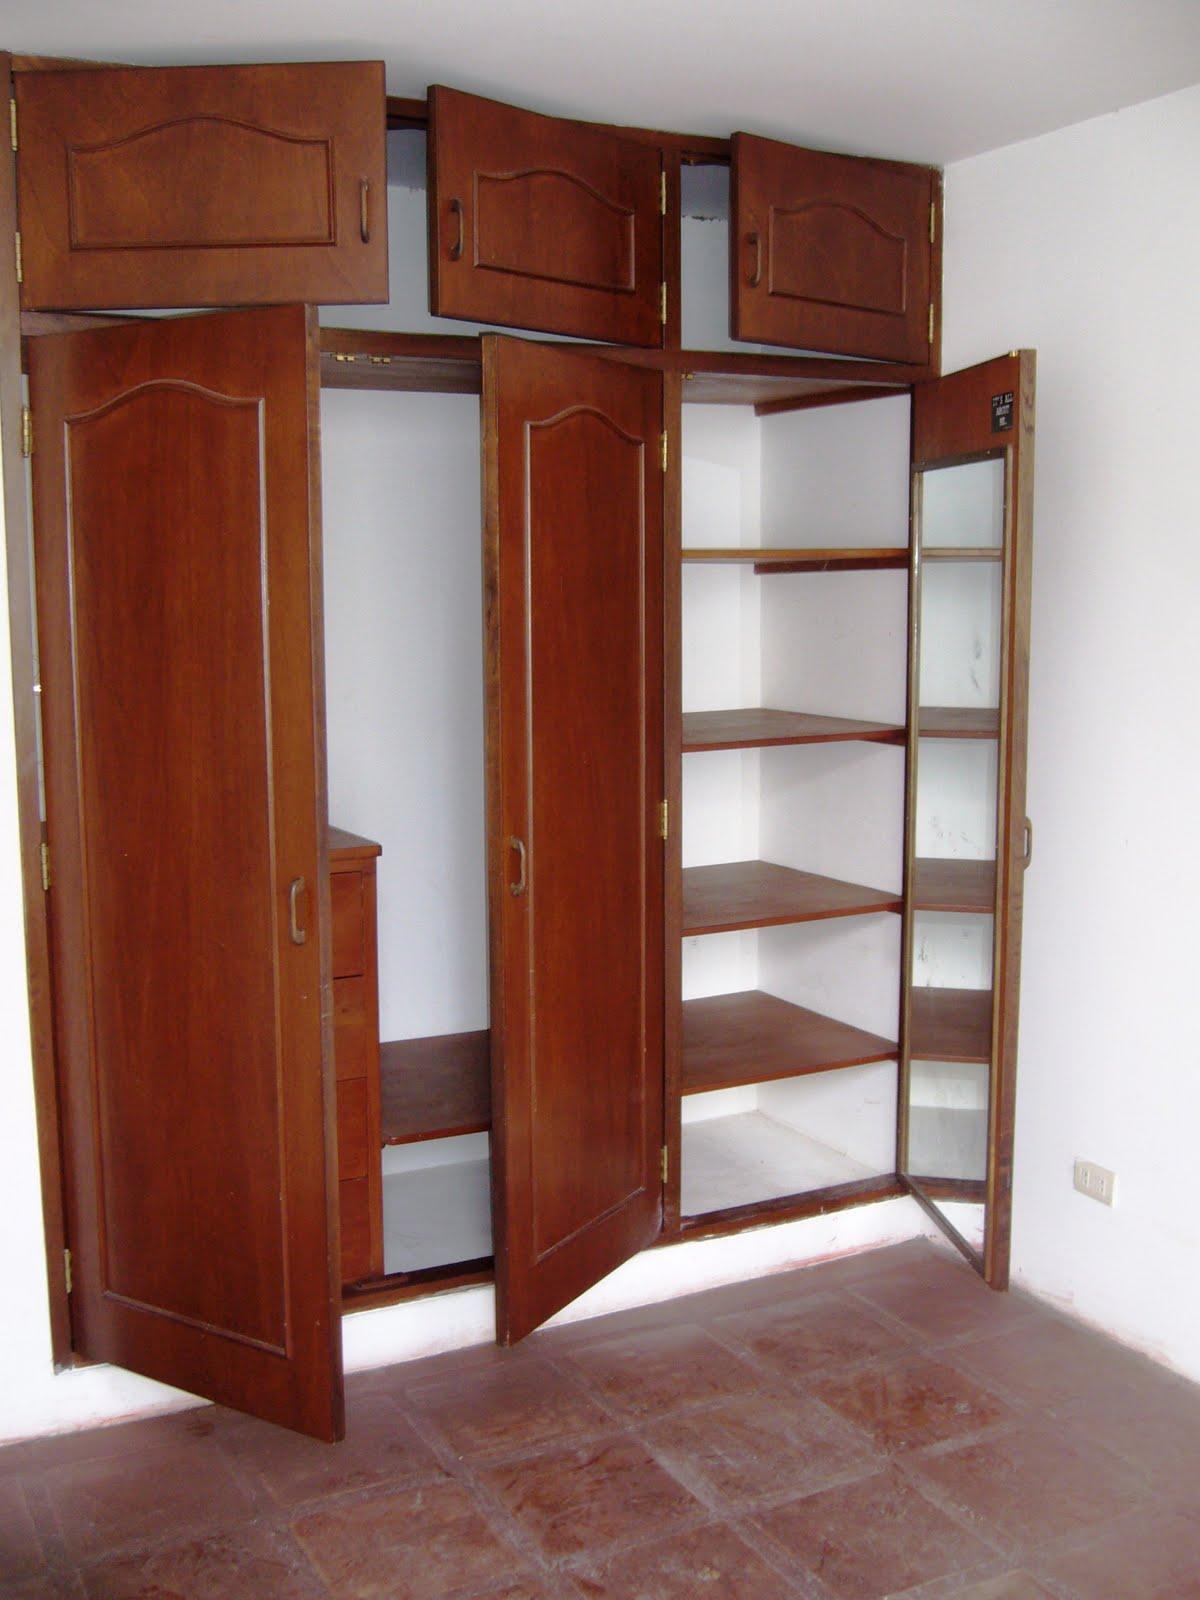 Remate de acabados closet madera cedro for Remate de puertas de madera